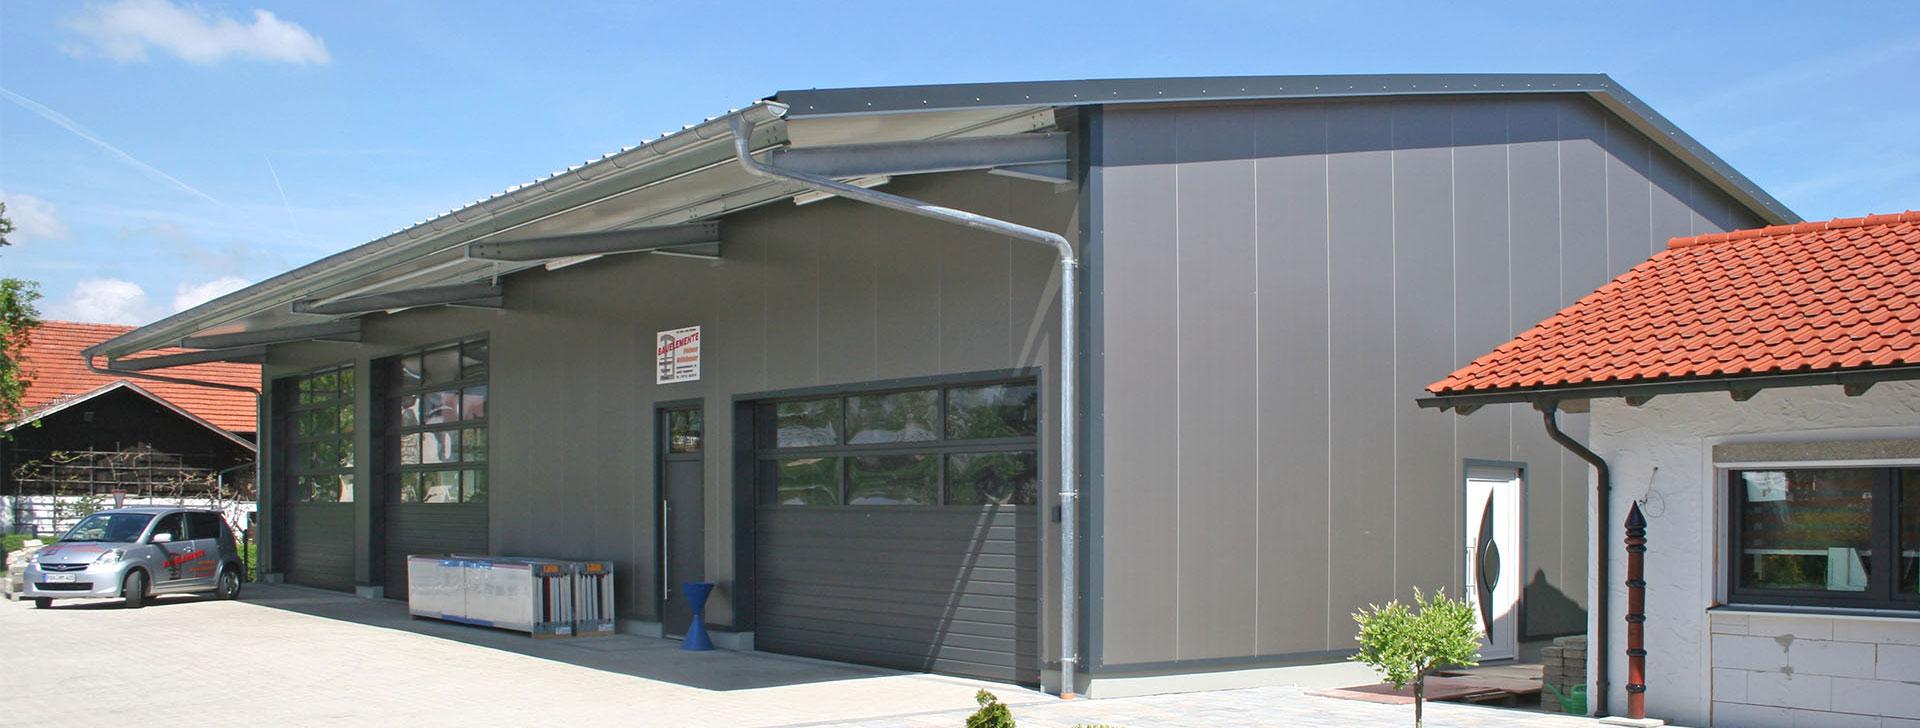 Etwas Neues genug Stahlhallen für Produktion und Lagerung für das Gewerbe #YS_29